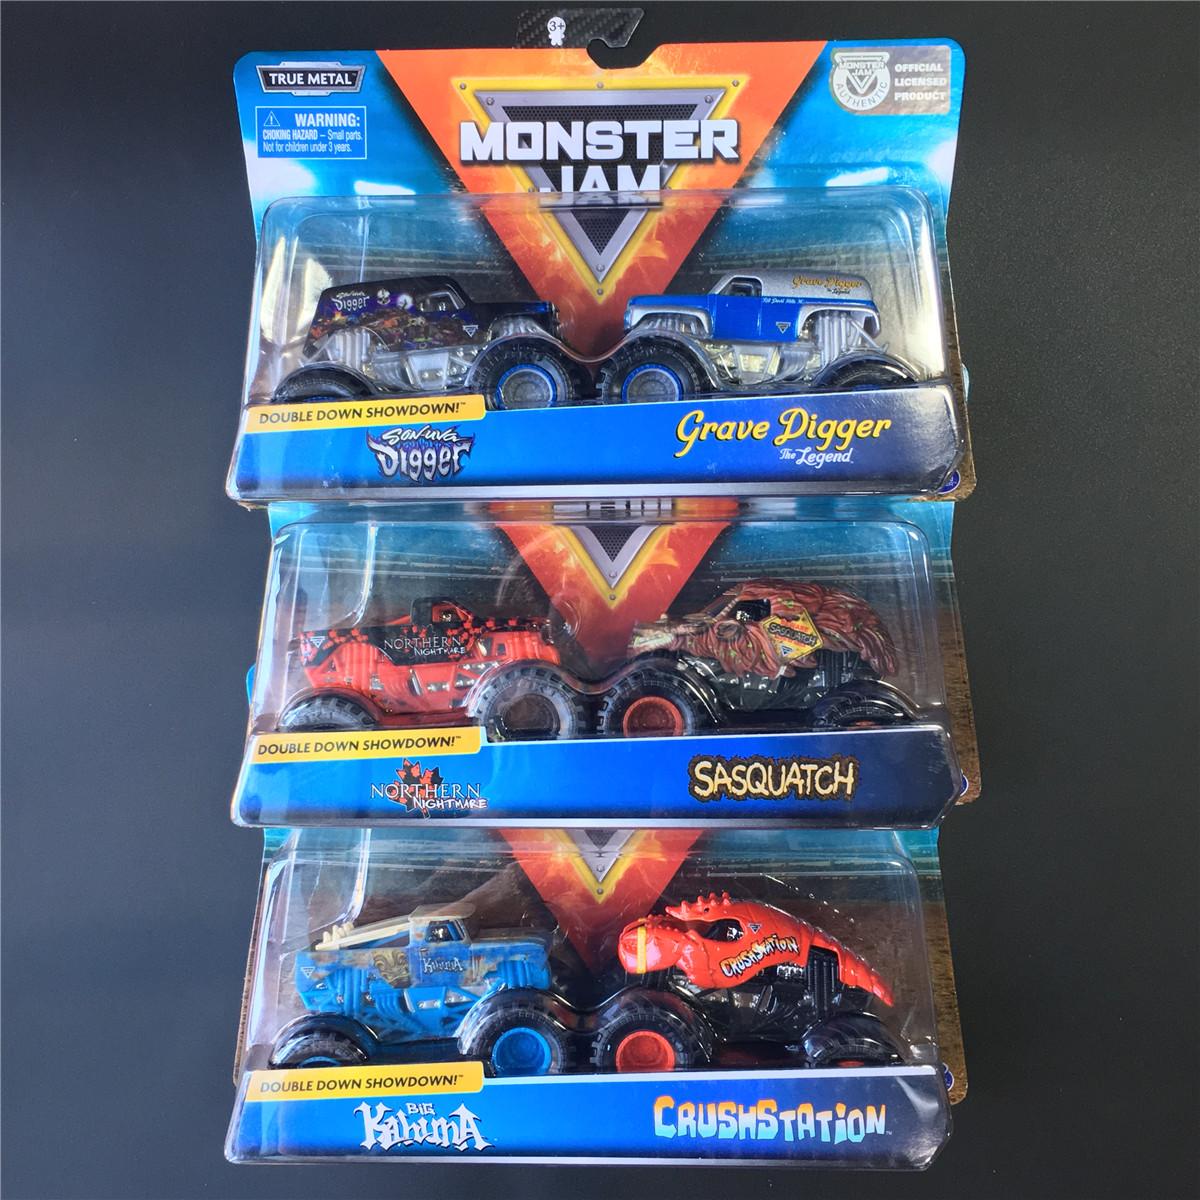 MONSTER JAM斯平玛斯特怪兽大脚车两辆装 合金越野卡车模型玩具